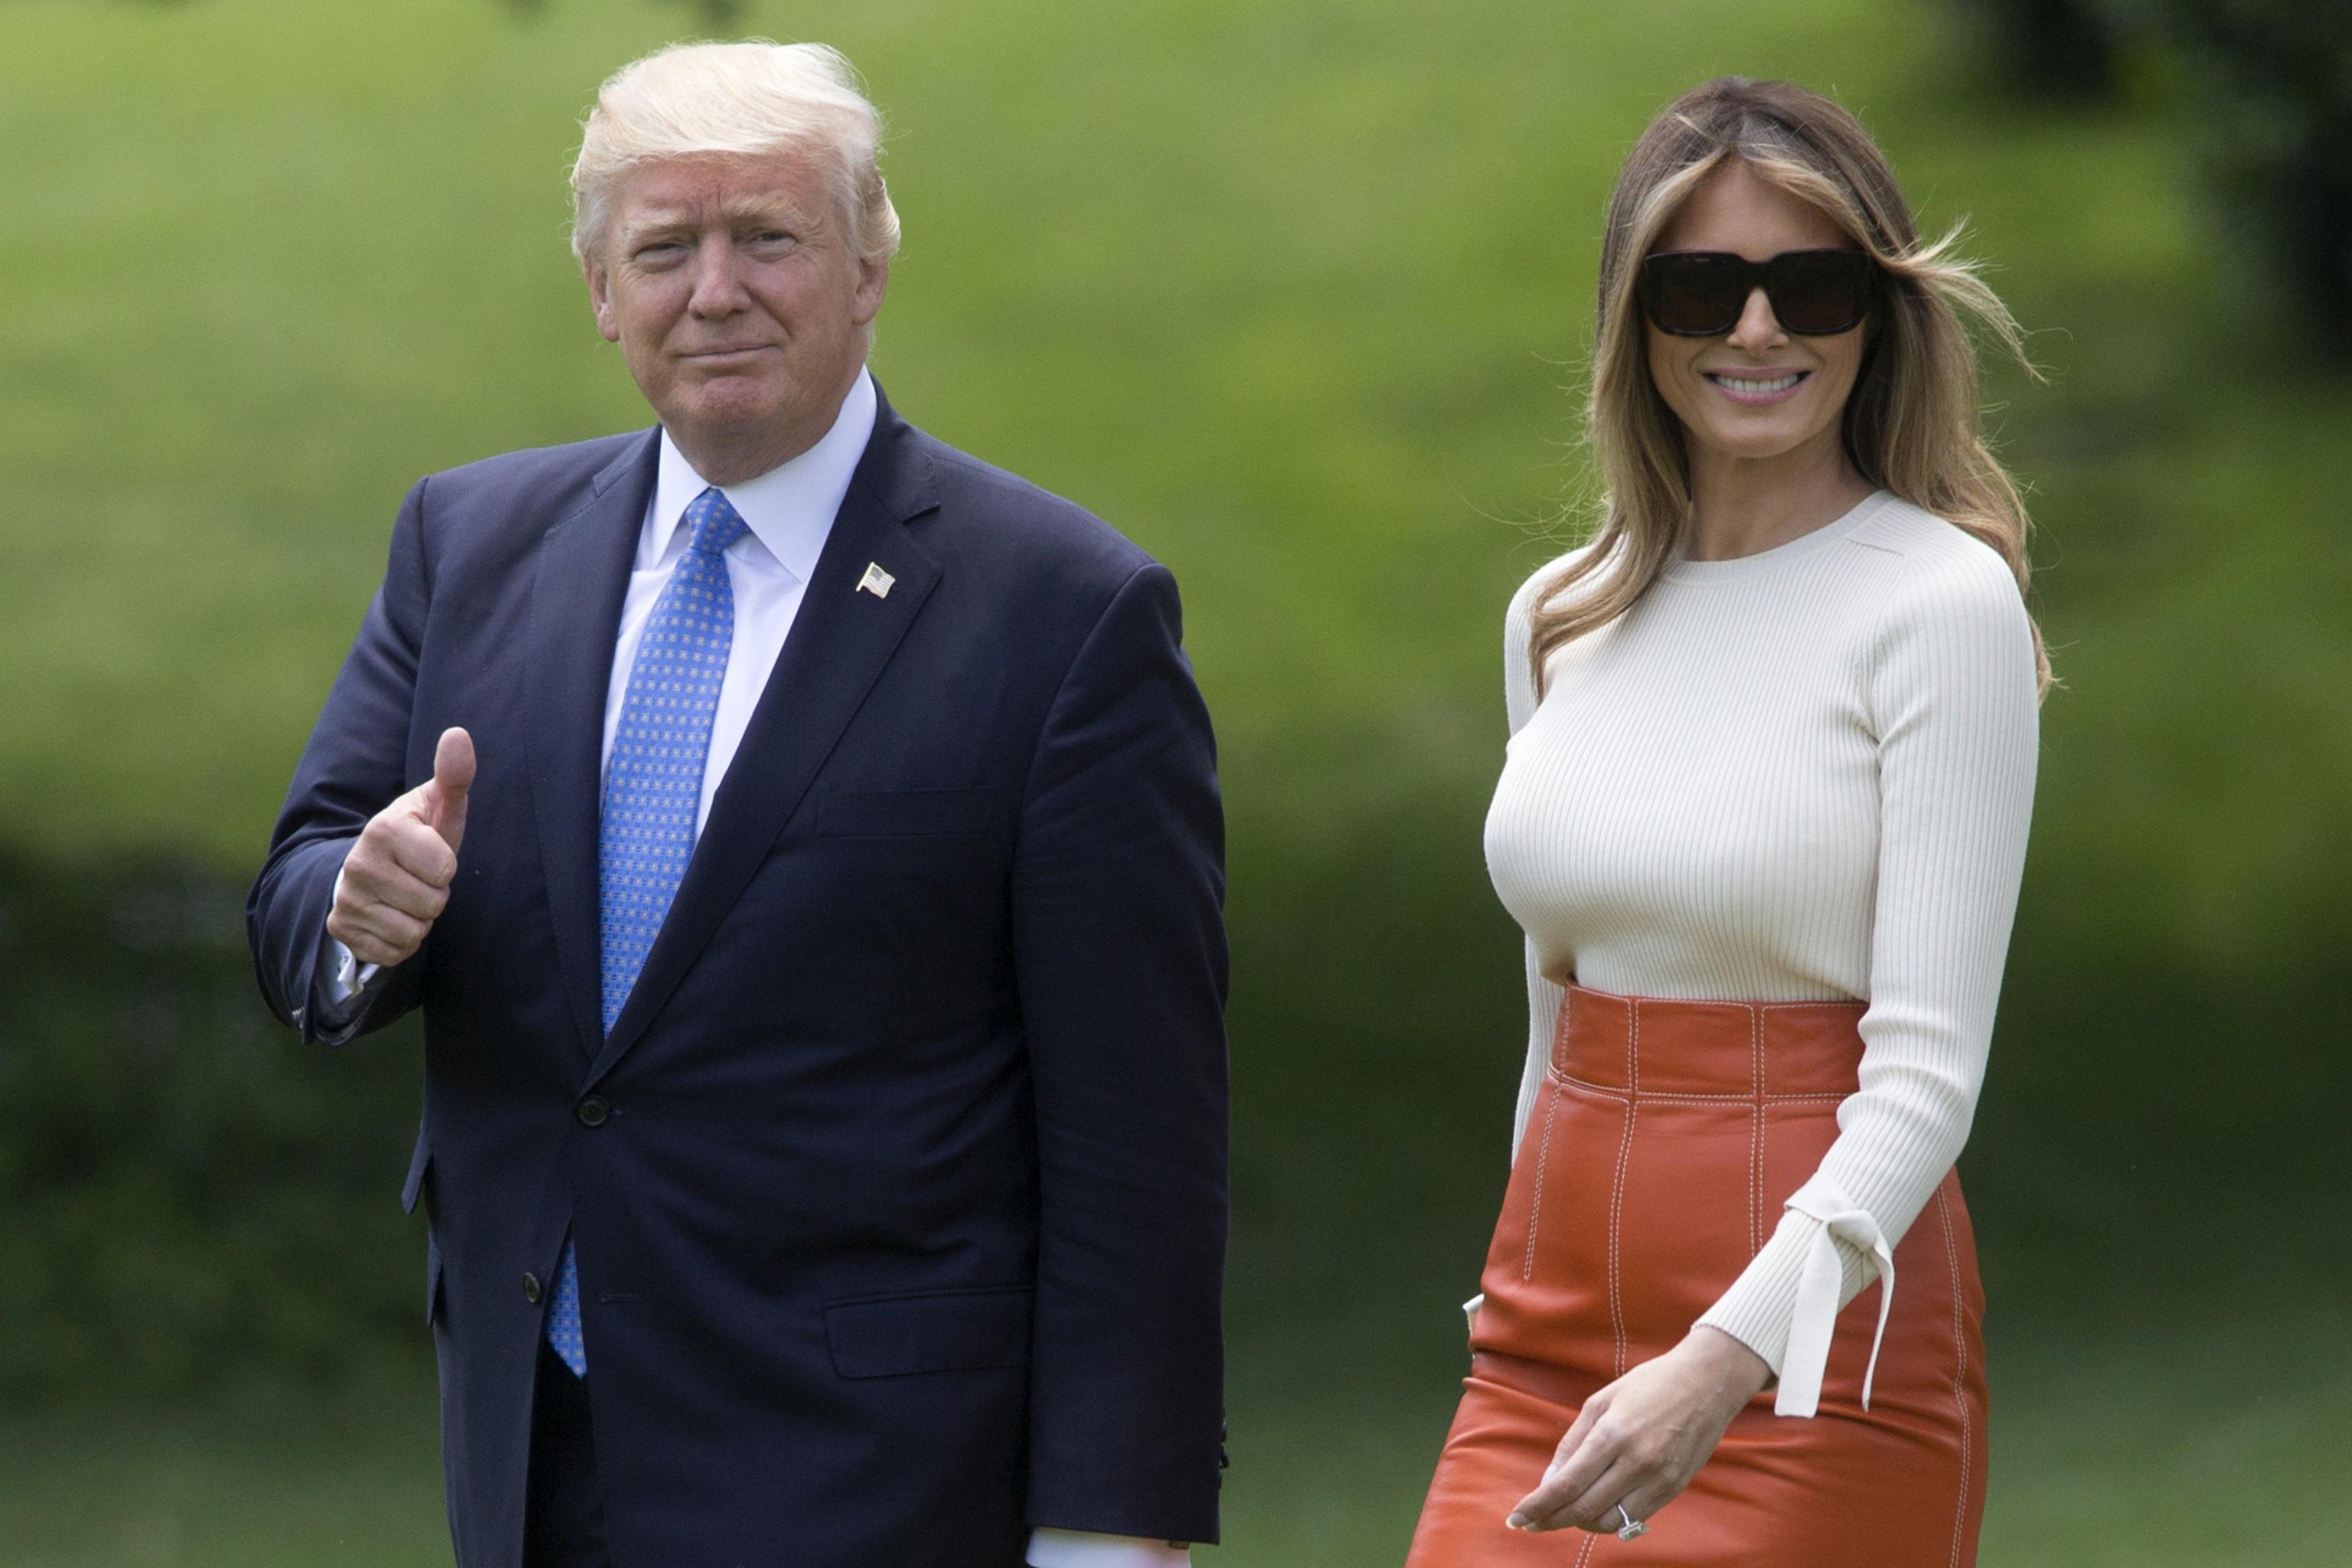 Donald Trump e Melania, la confessione del tycoon: 'L'ho palpeggiata in pubblico'